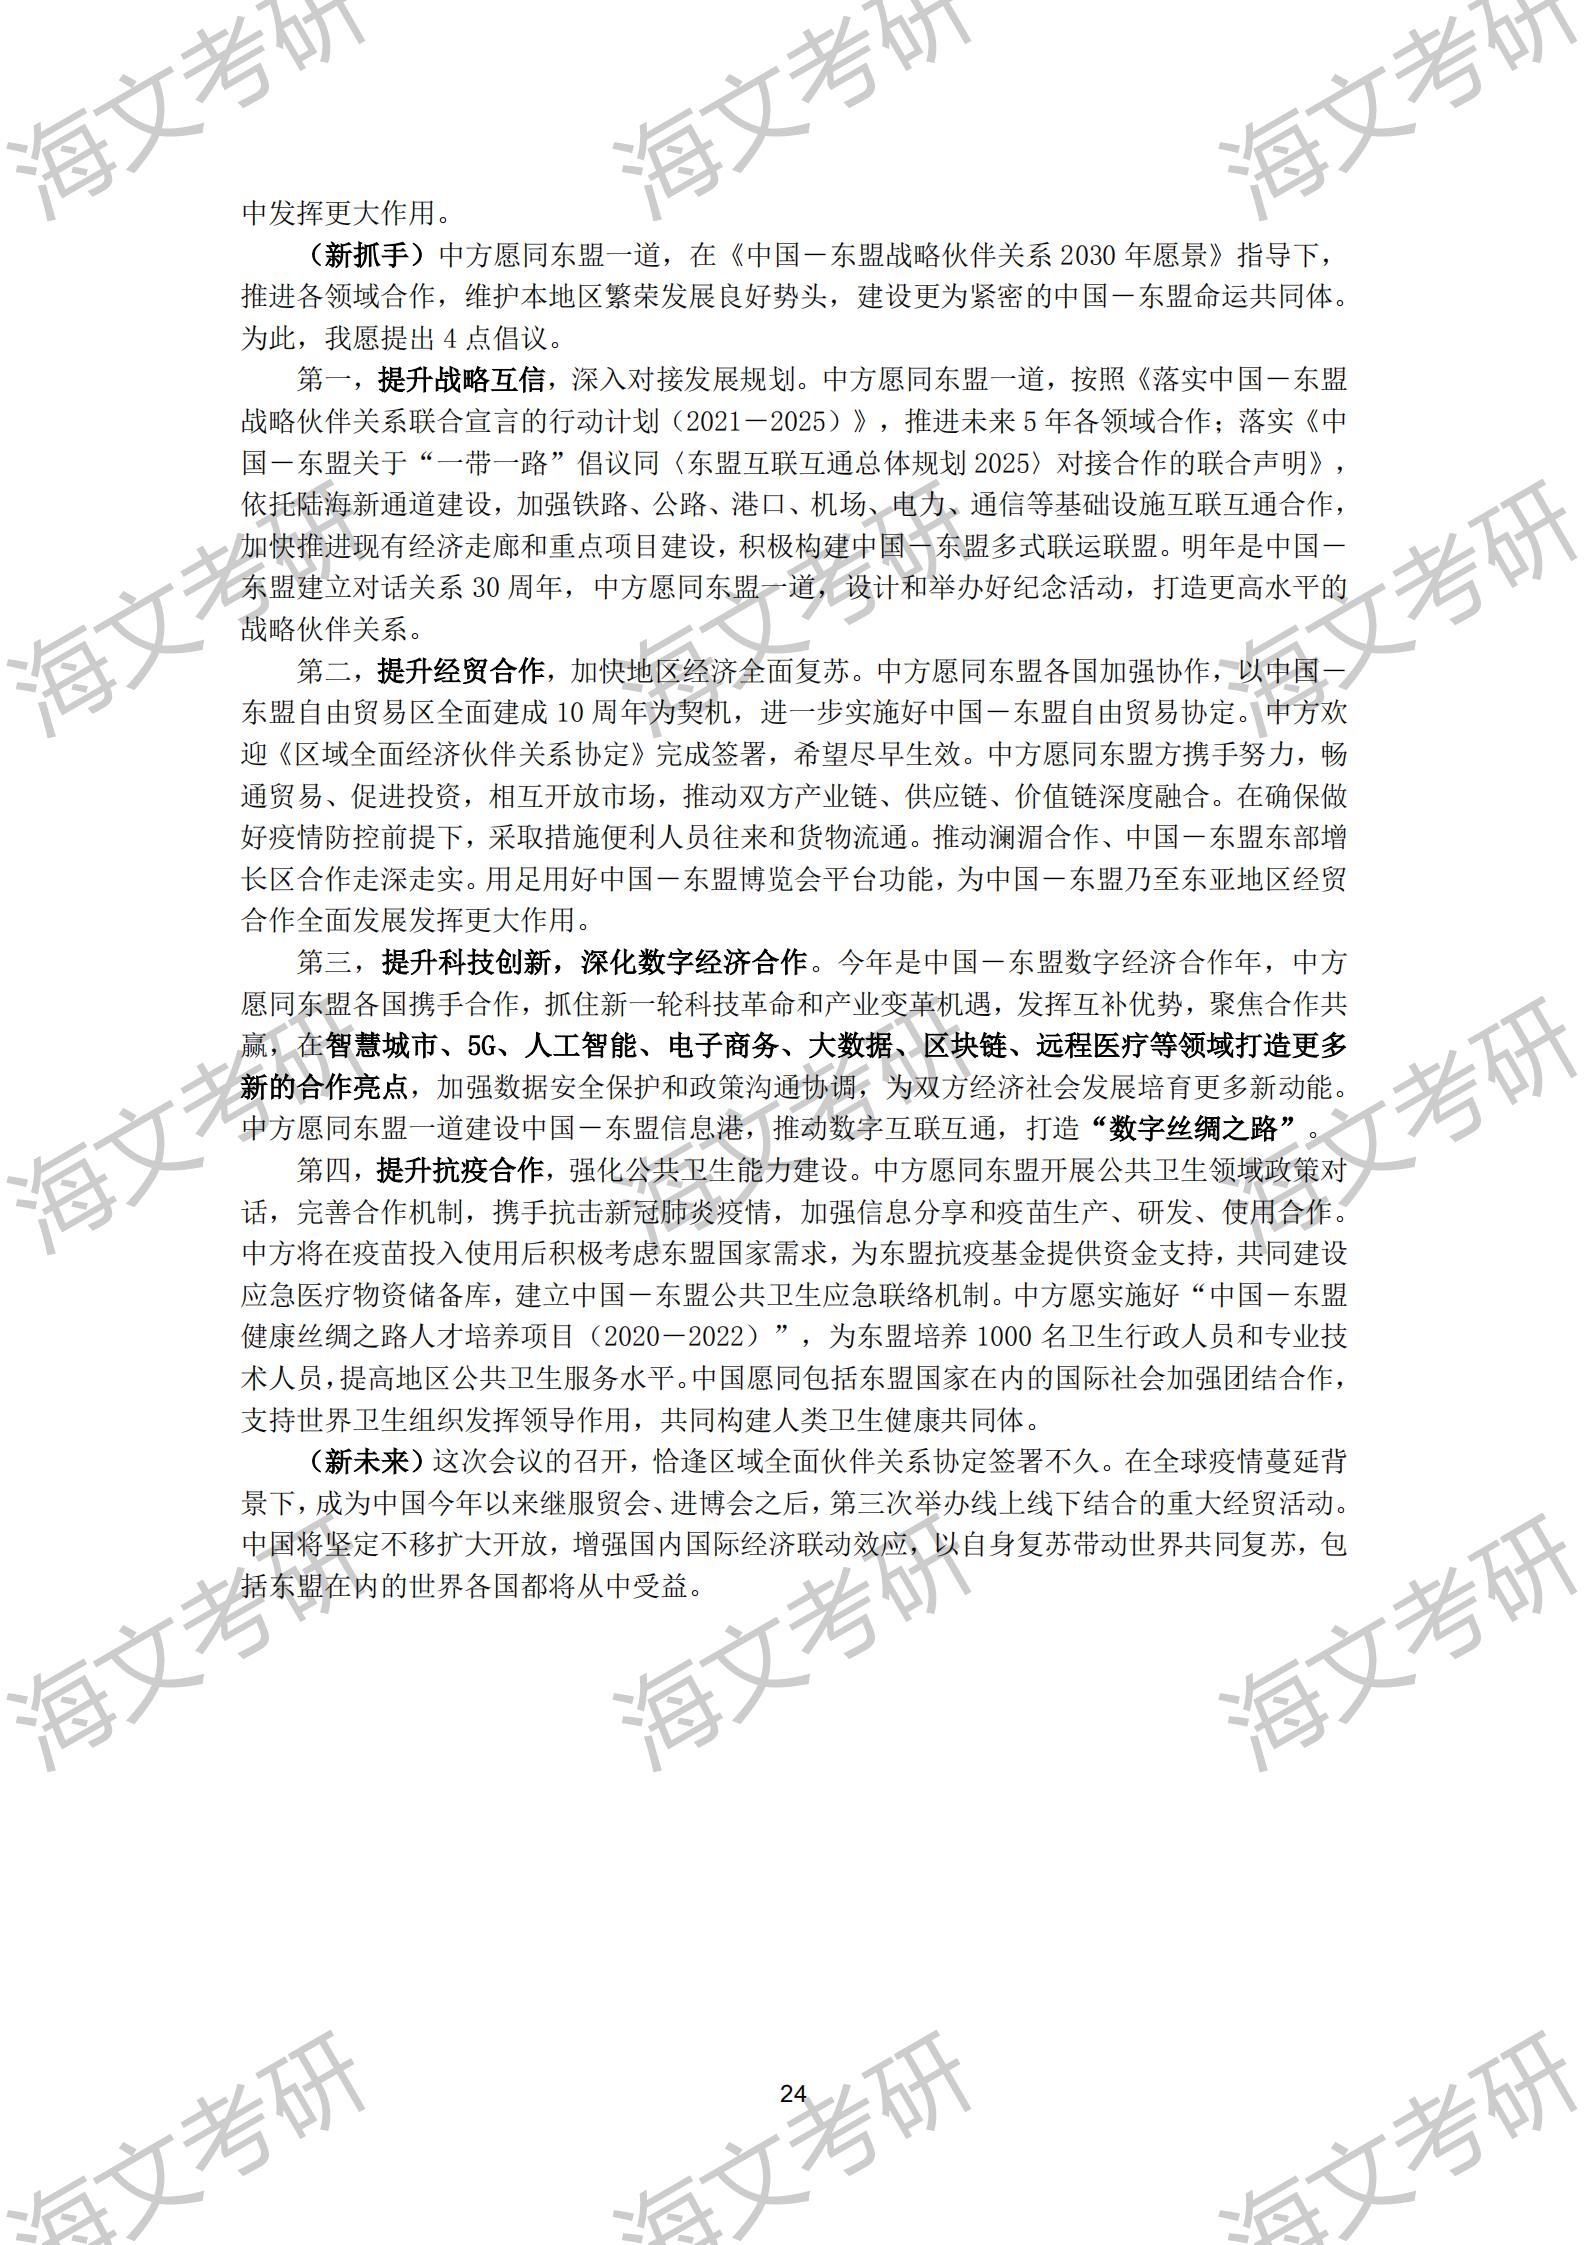 【考研政治】2021考研政治考前必背(用于冲刺全科)_23.png